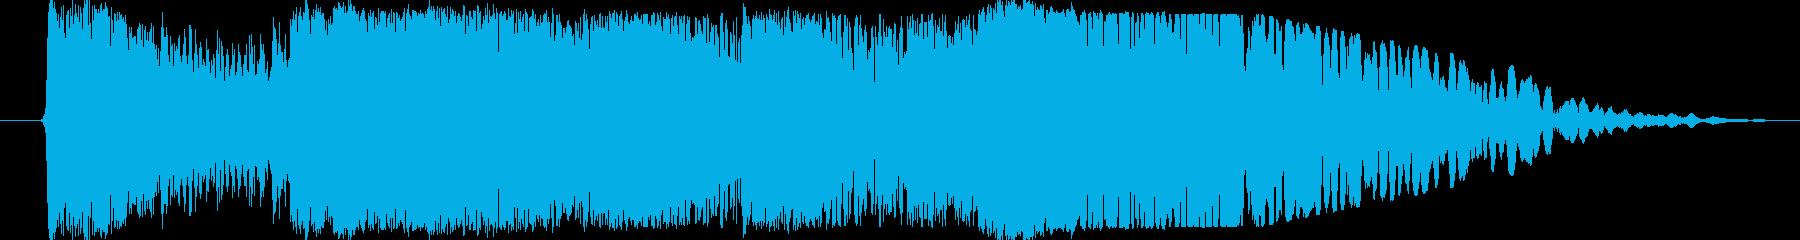 DJ,ラジオ,映像,クリエイター様に!8の再生済みの波形